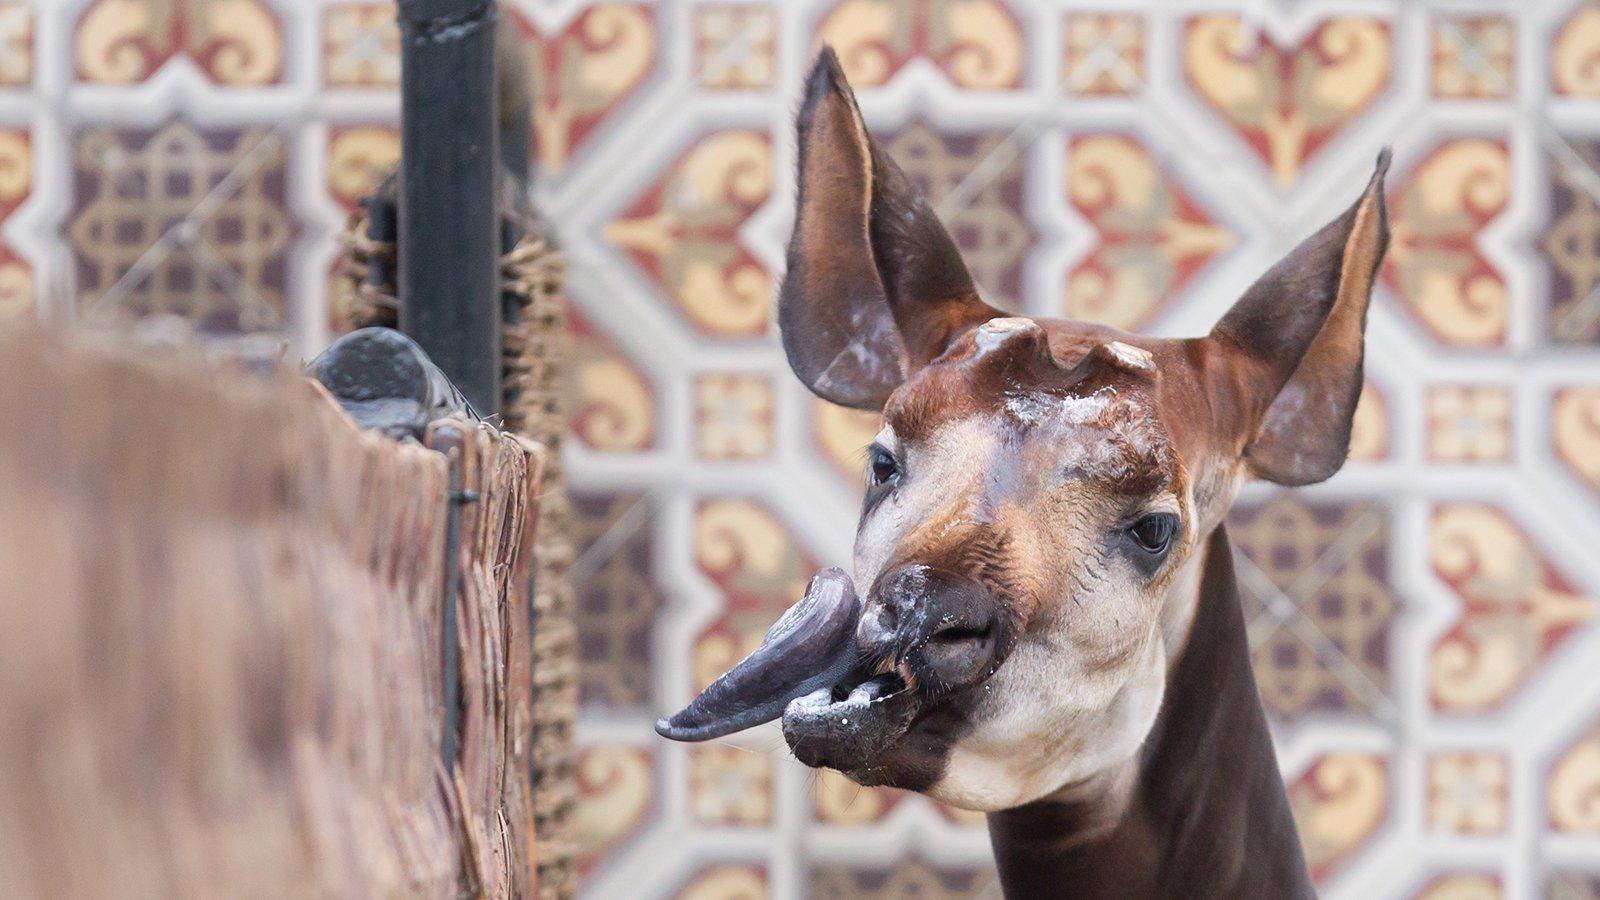 4 mærkværdige dyr: Her ses en okapi